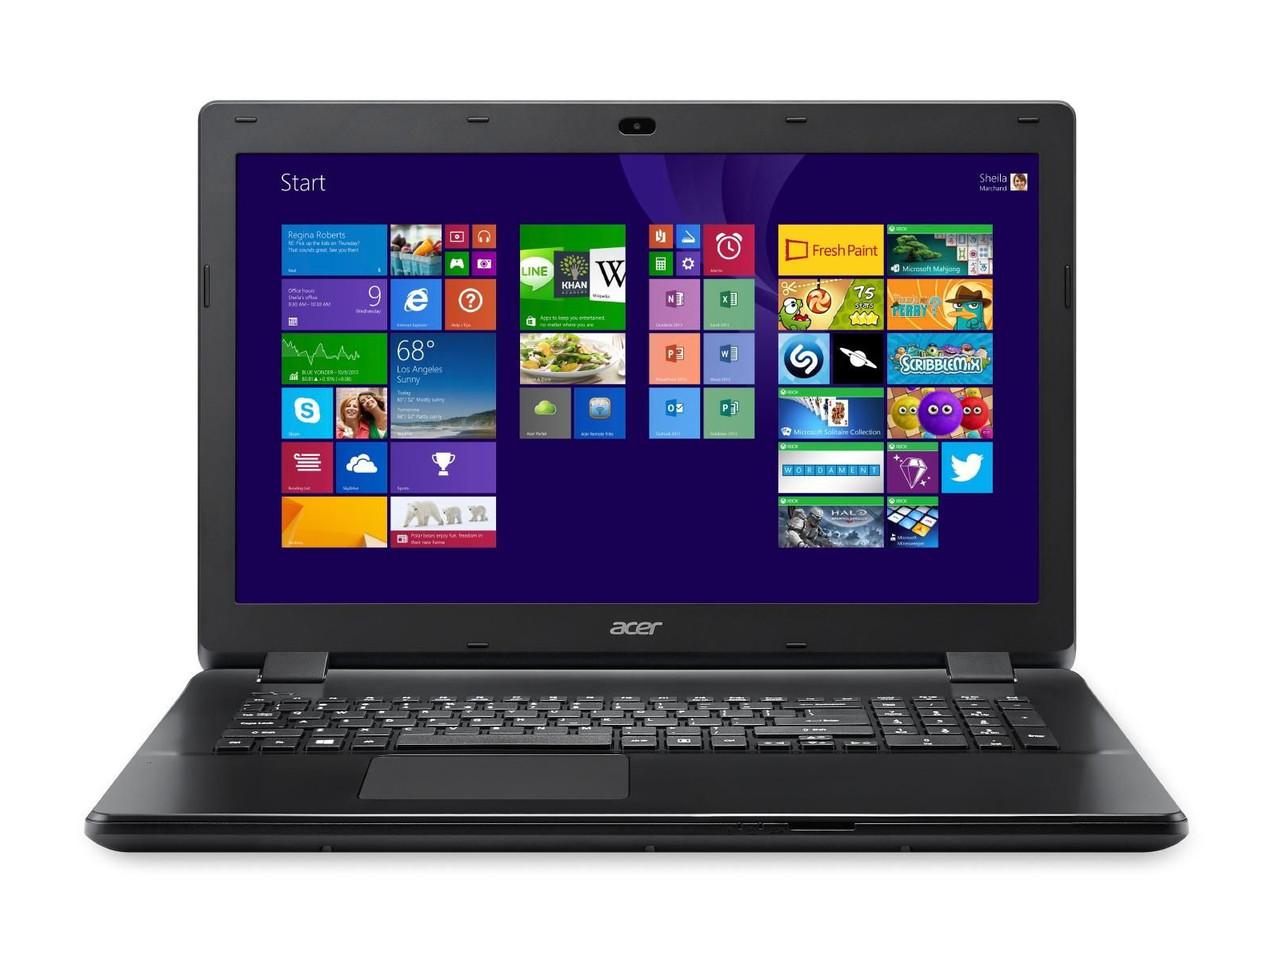 Игровый ноутбук бу Acer P276/ Core i7 4510U 3.10GHz/ 8 Gb/ 1 Tb/ nVidia GeForce 820M 2Gb, фото 1